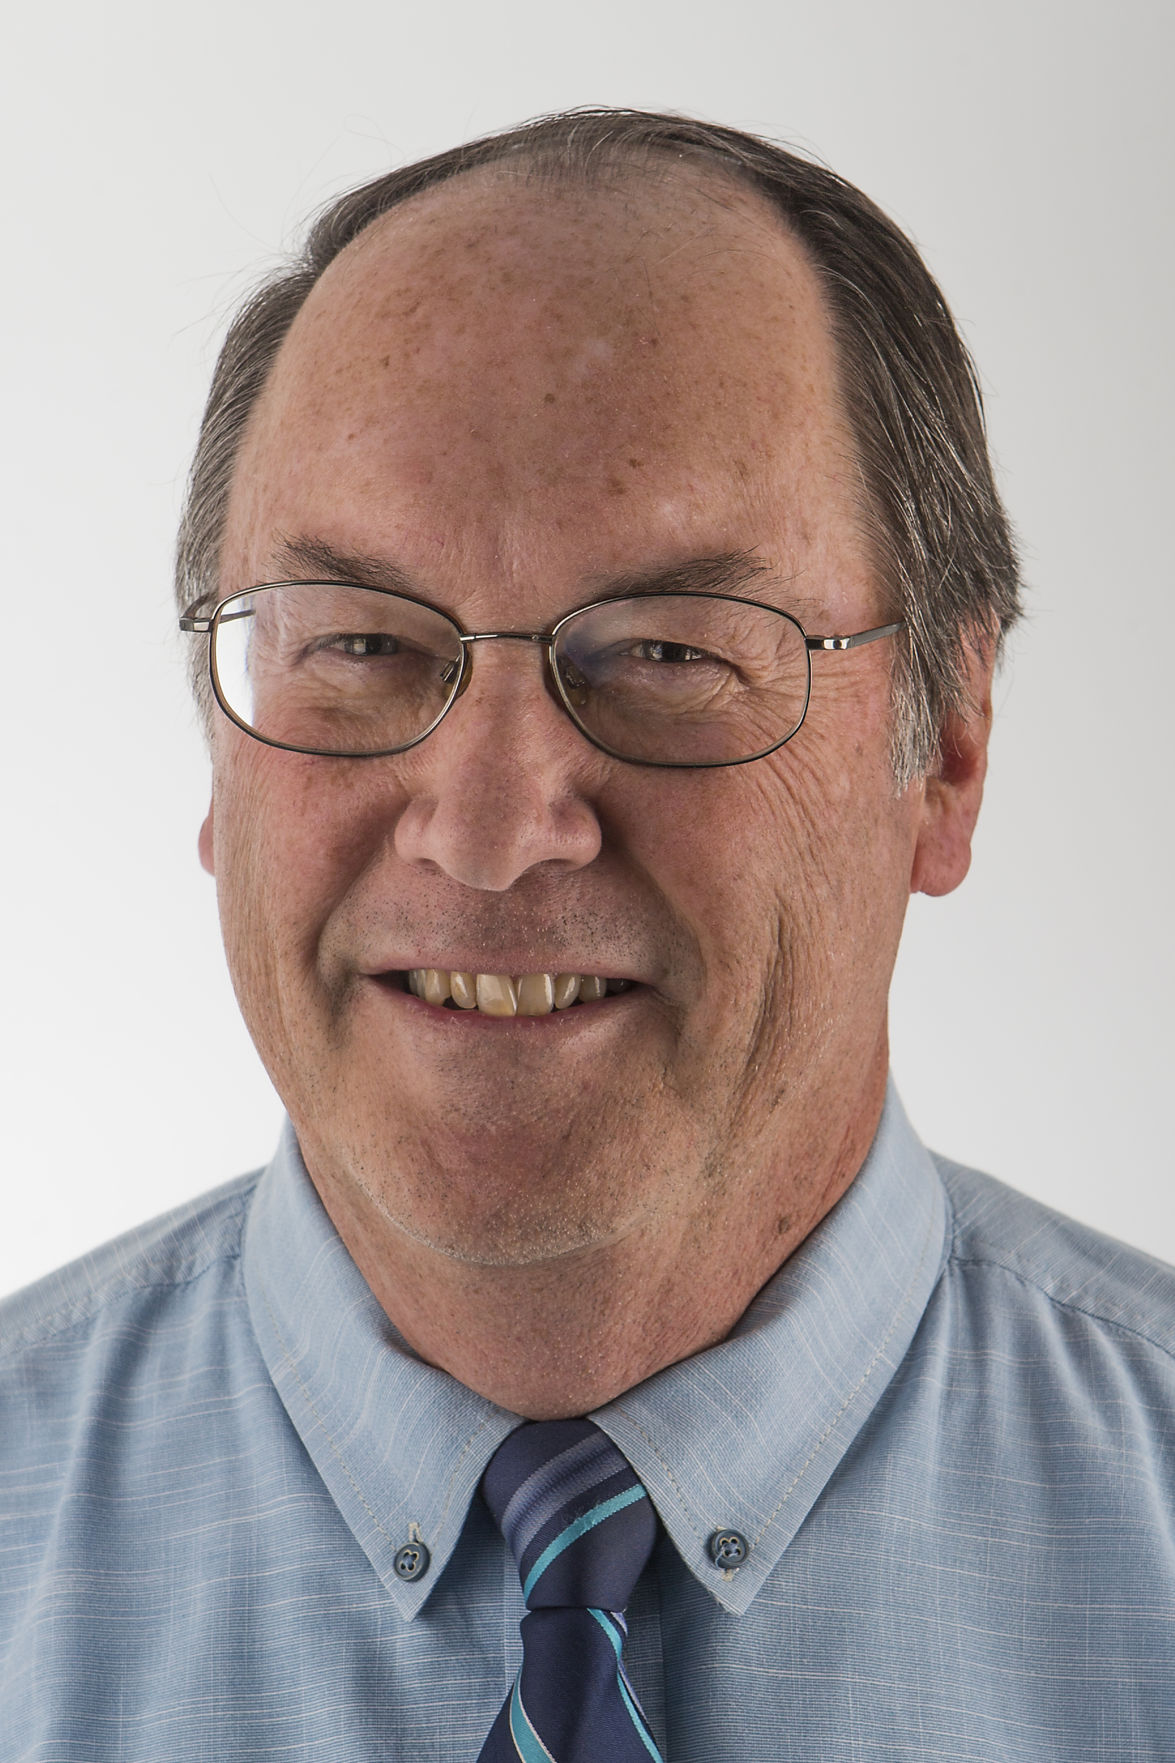 Gerry O'Brien